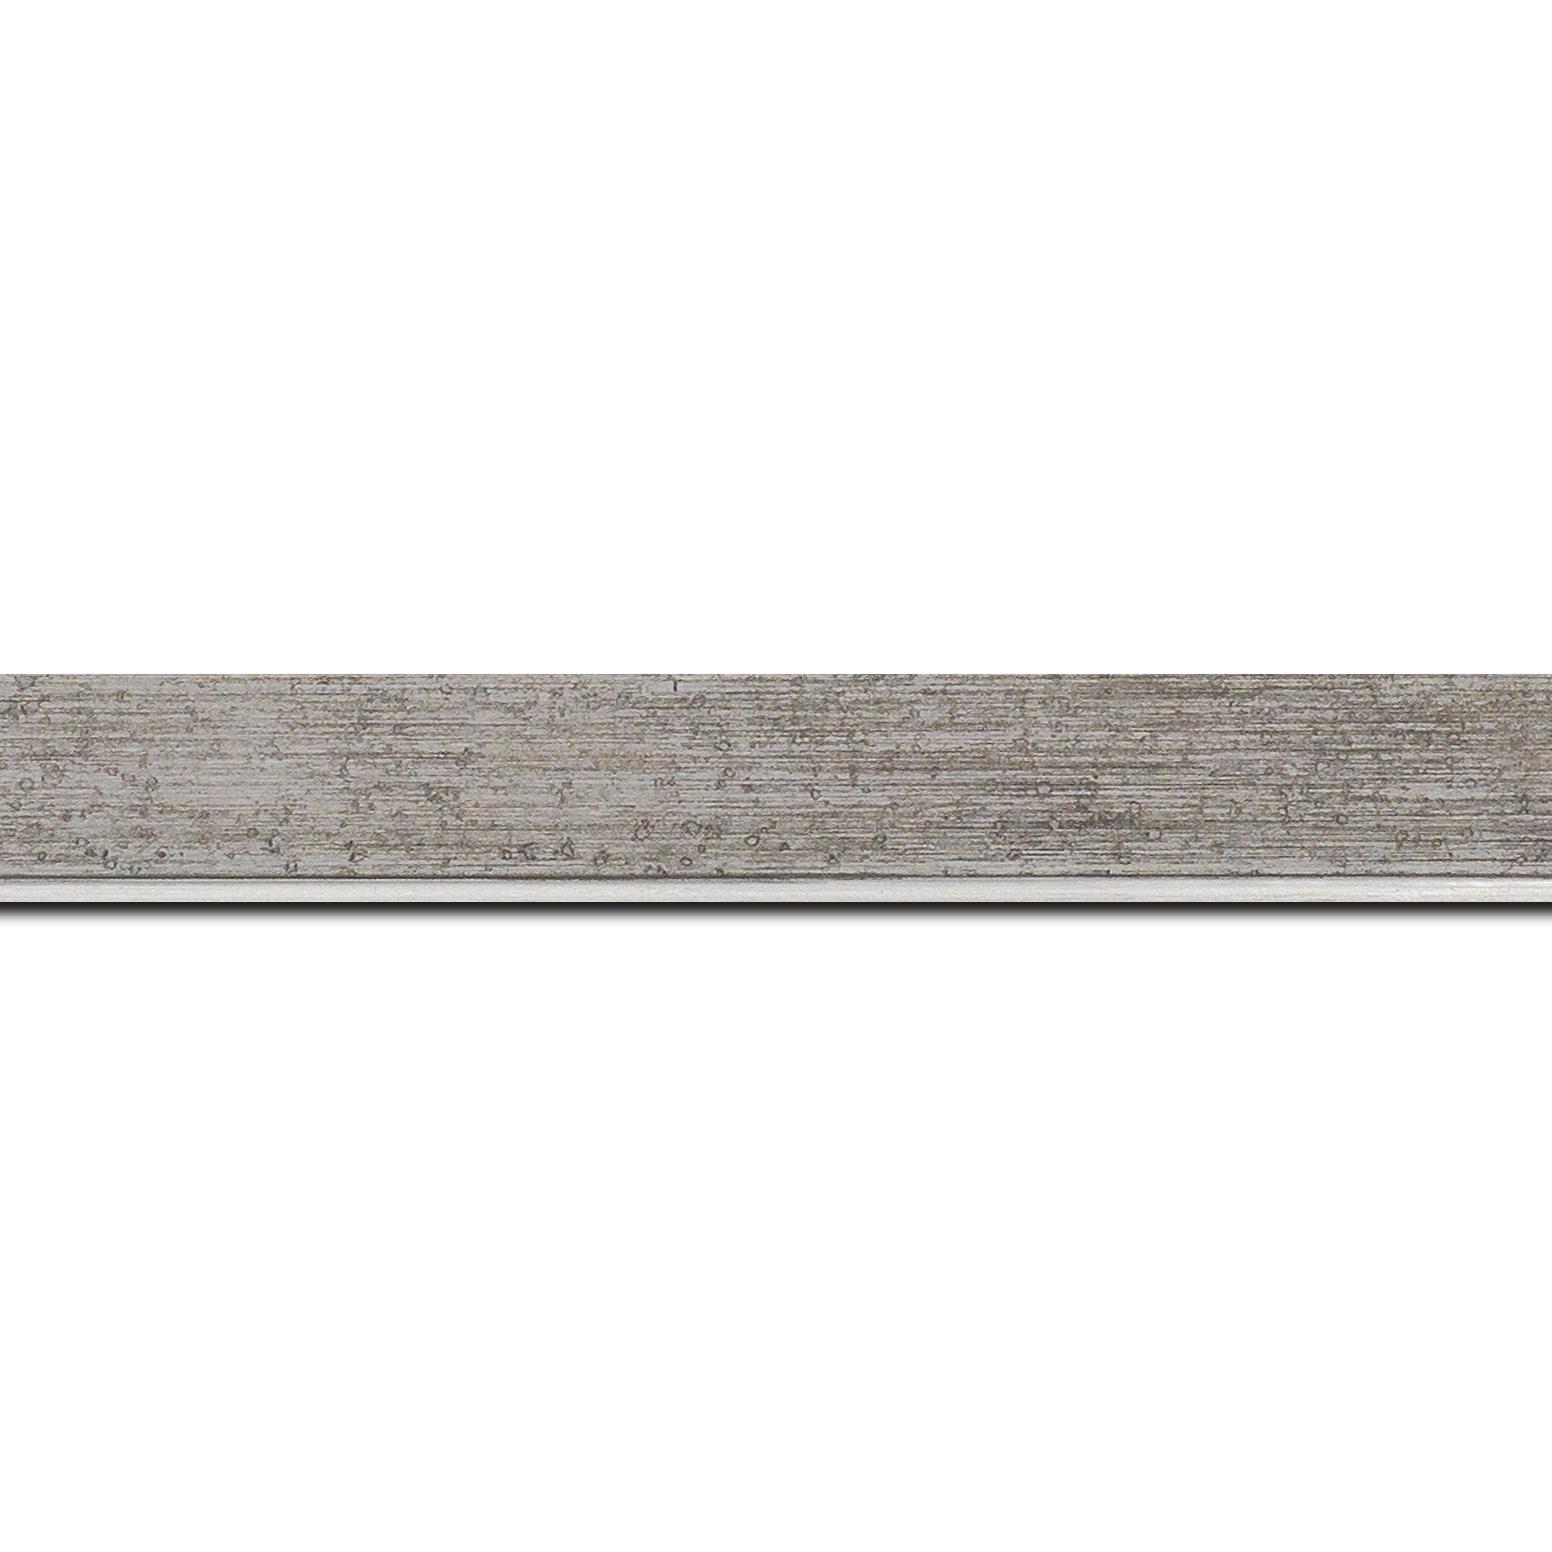 Pack par 12m, bois profil incliné en pente largeur 2.5cm couleur argent patiné filet argent (longueur baguette pouvant varier entre 2.40m et 3m selon arrivage des bois)